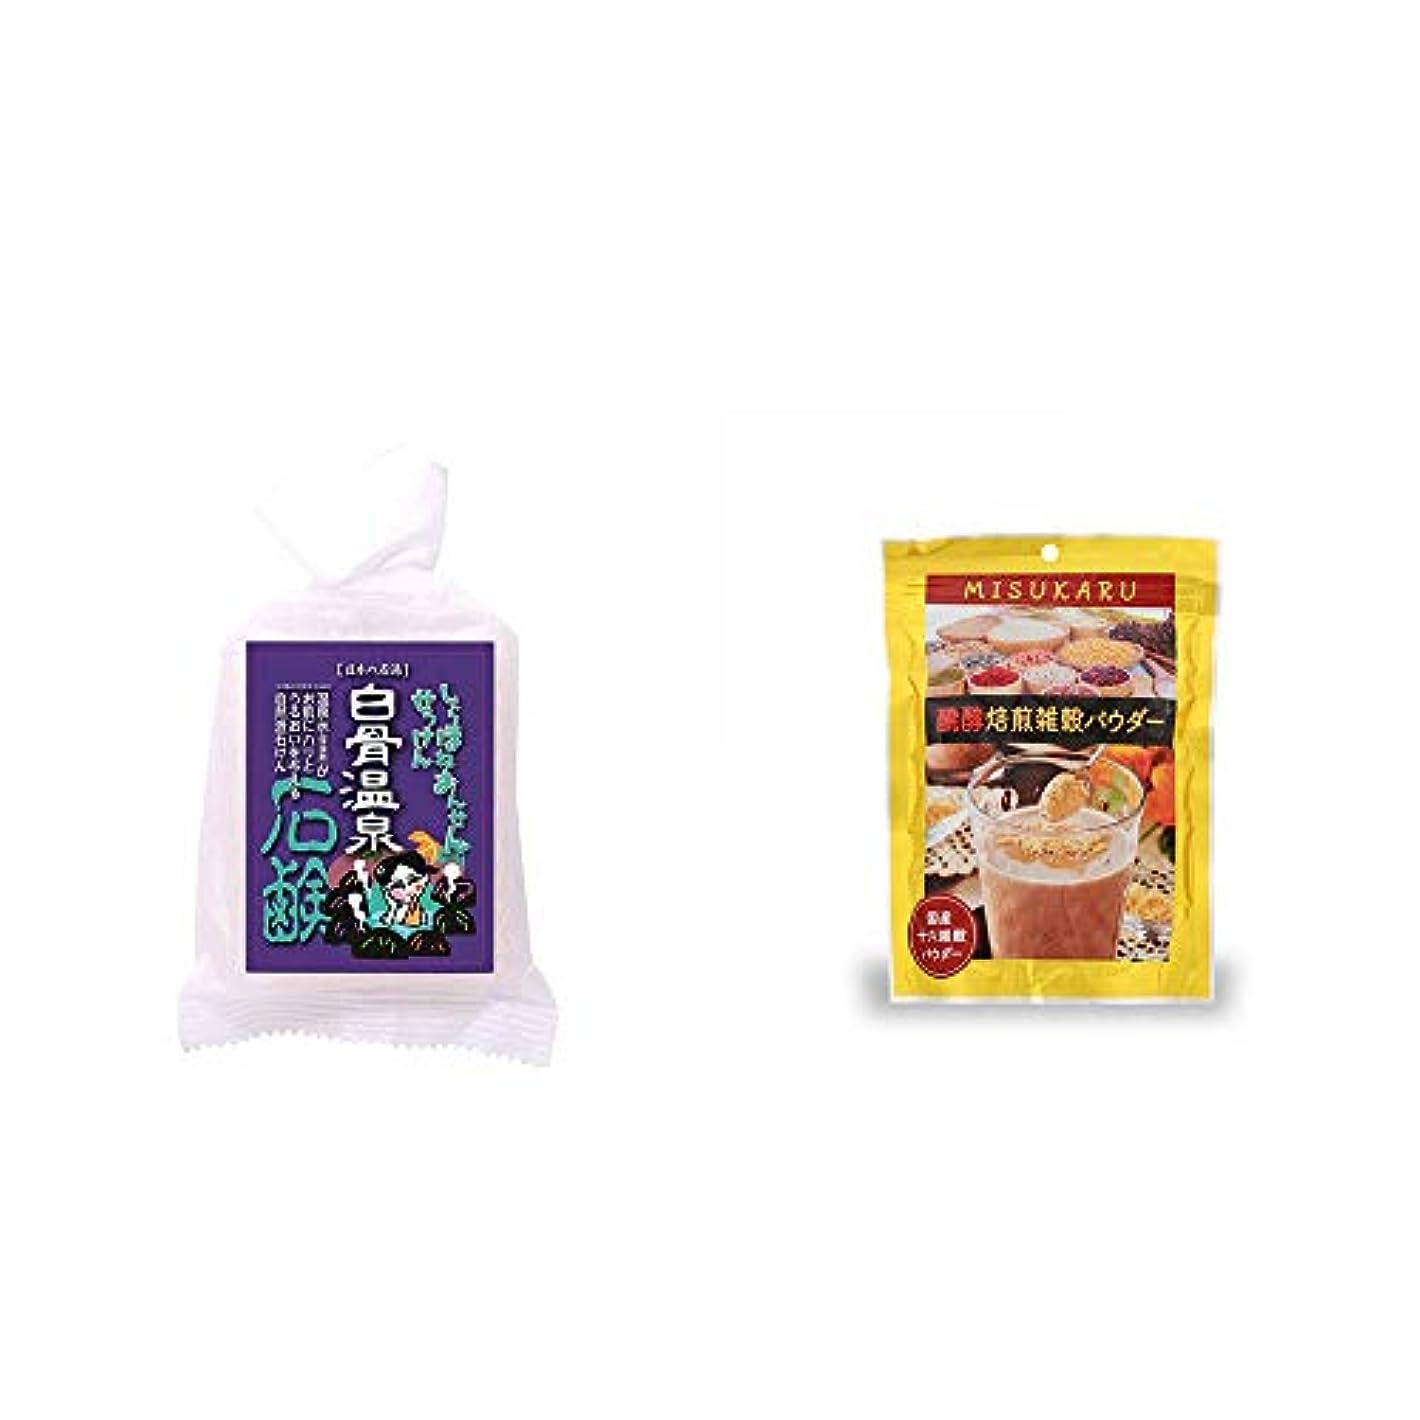 植木前投薬持参[2点セット] 信州 白骨温泉石鹸(80g)?醗酵焙煎雑穀パウダー MISUKARU(ミスカル)(200g)